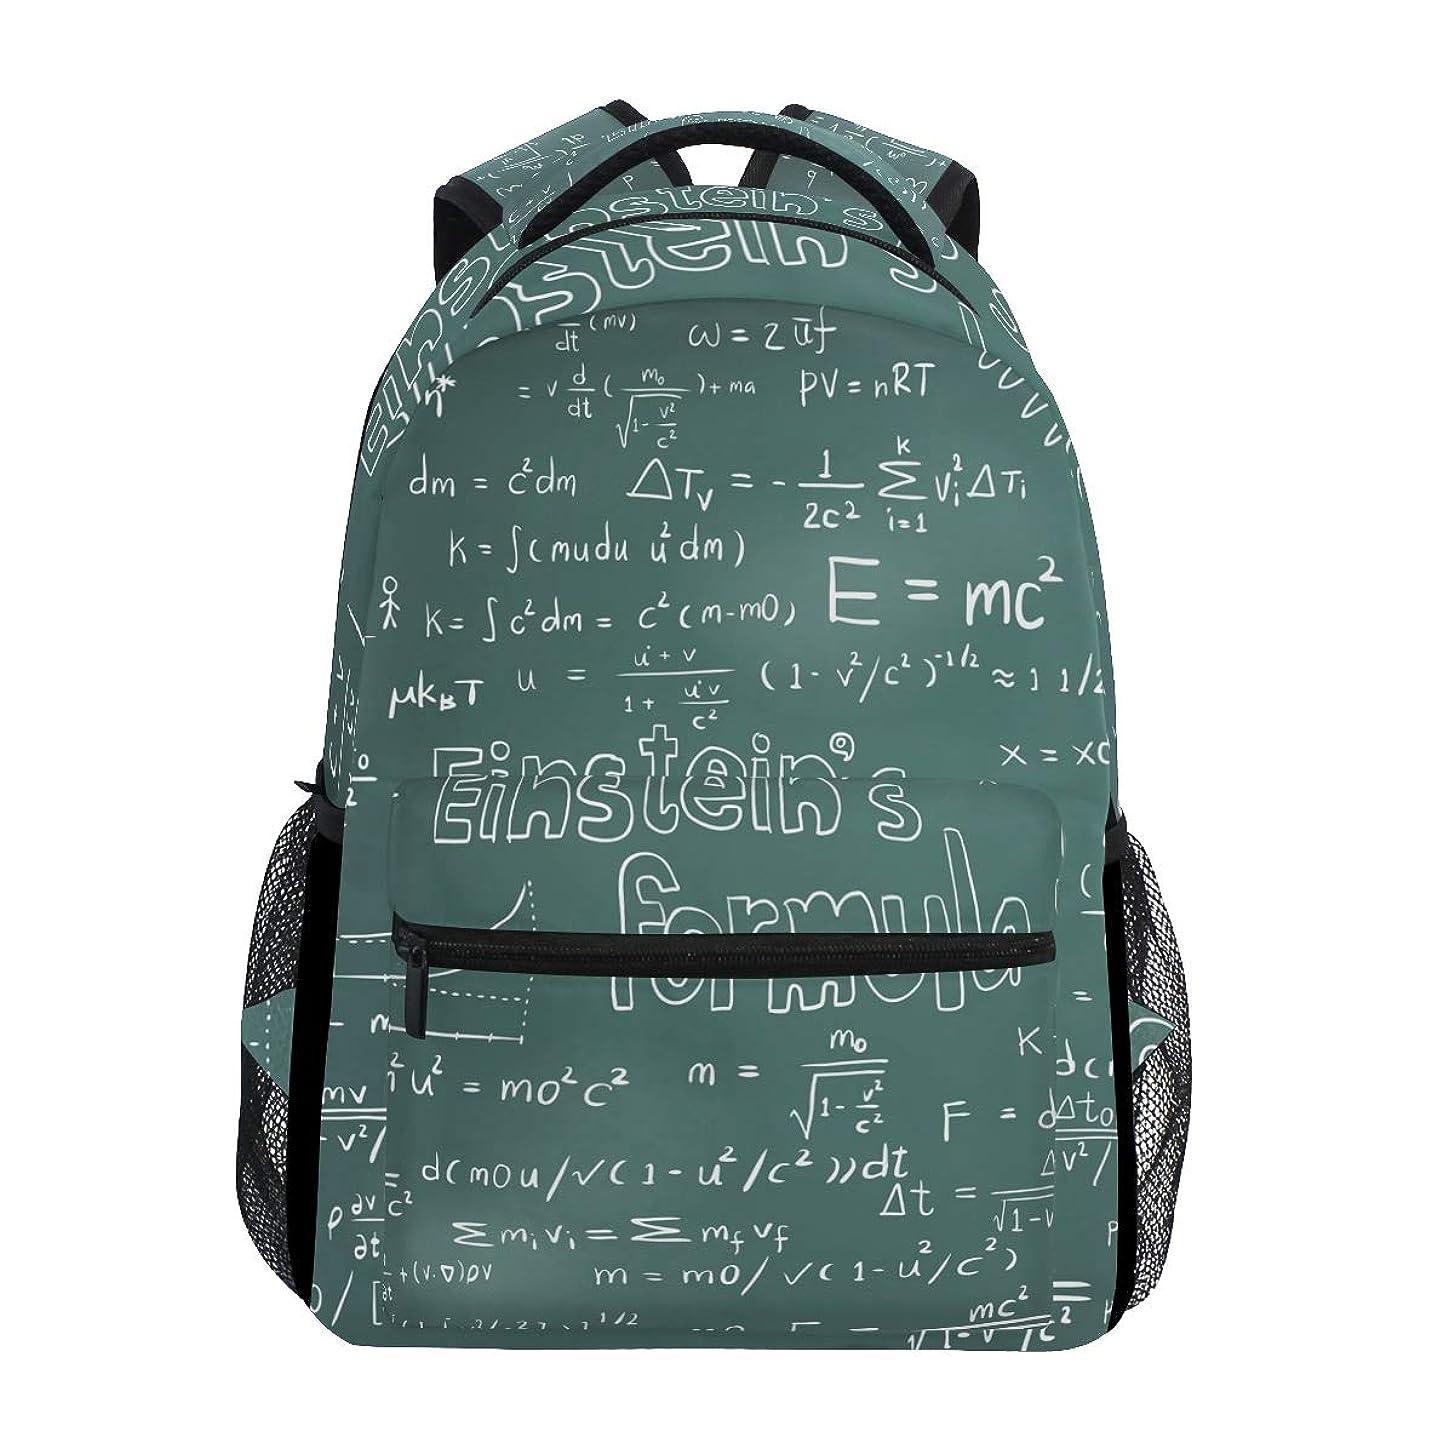 サスペンドアンソロジー収束するGORIRA(ゴリラ)リュックサック 高校生 可愛い 大容量 キッズ 通学 数学記号 数式計算式 絵画 リュック レディース おしゃれ 大人 防水 キャンバス 男女兼用 旅行バッグパック